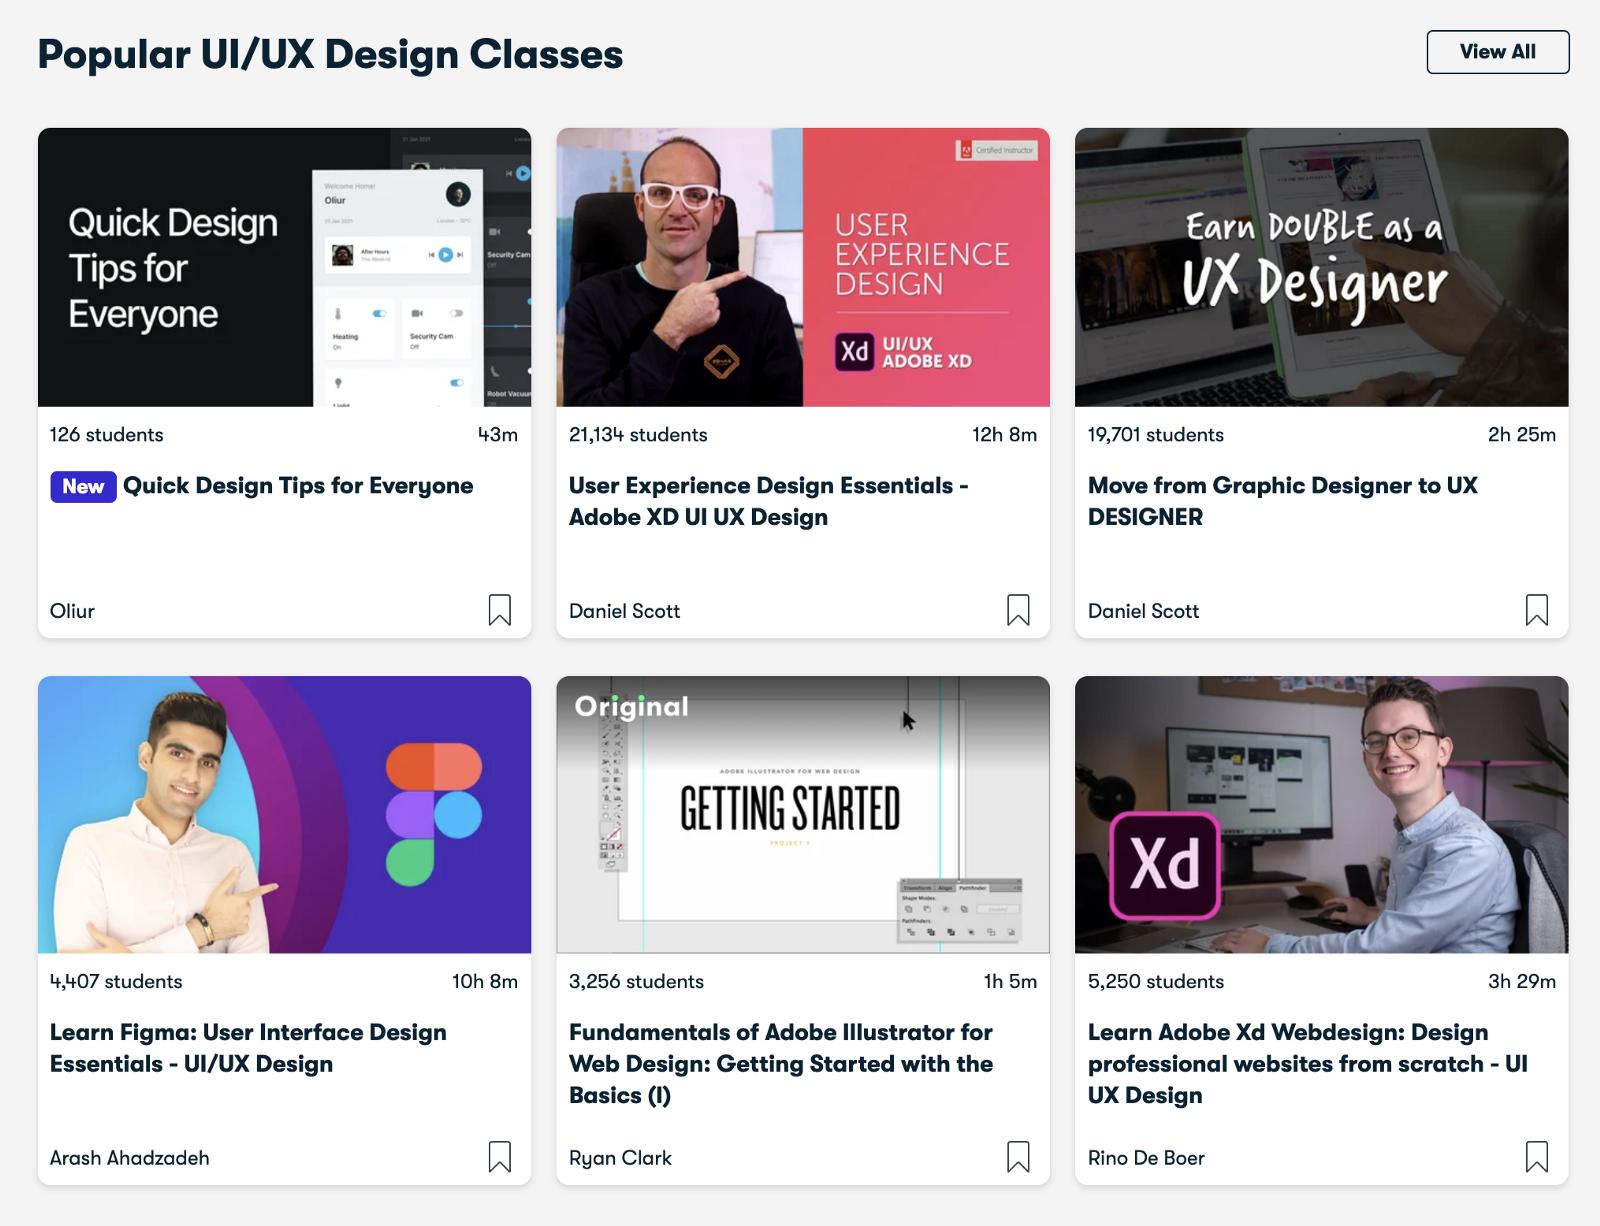 Popular UI/UX design classes on Skillshare